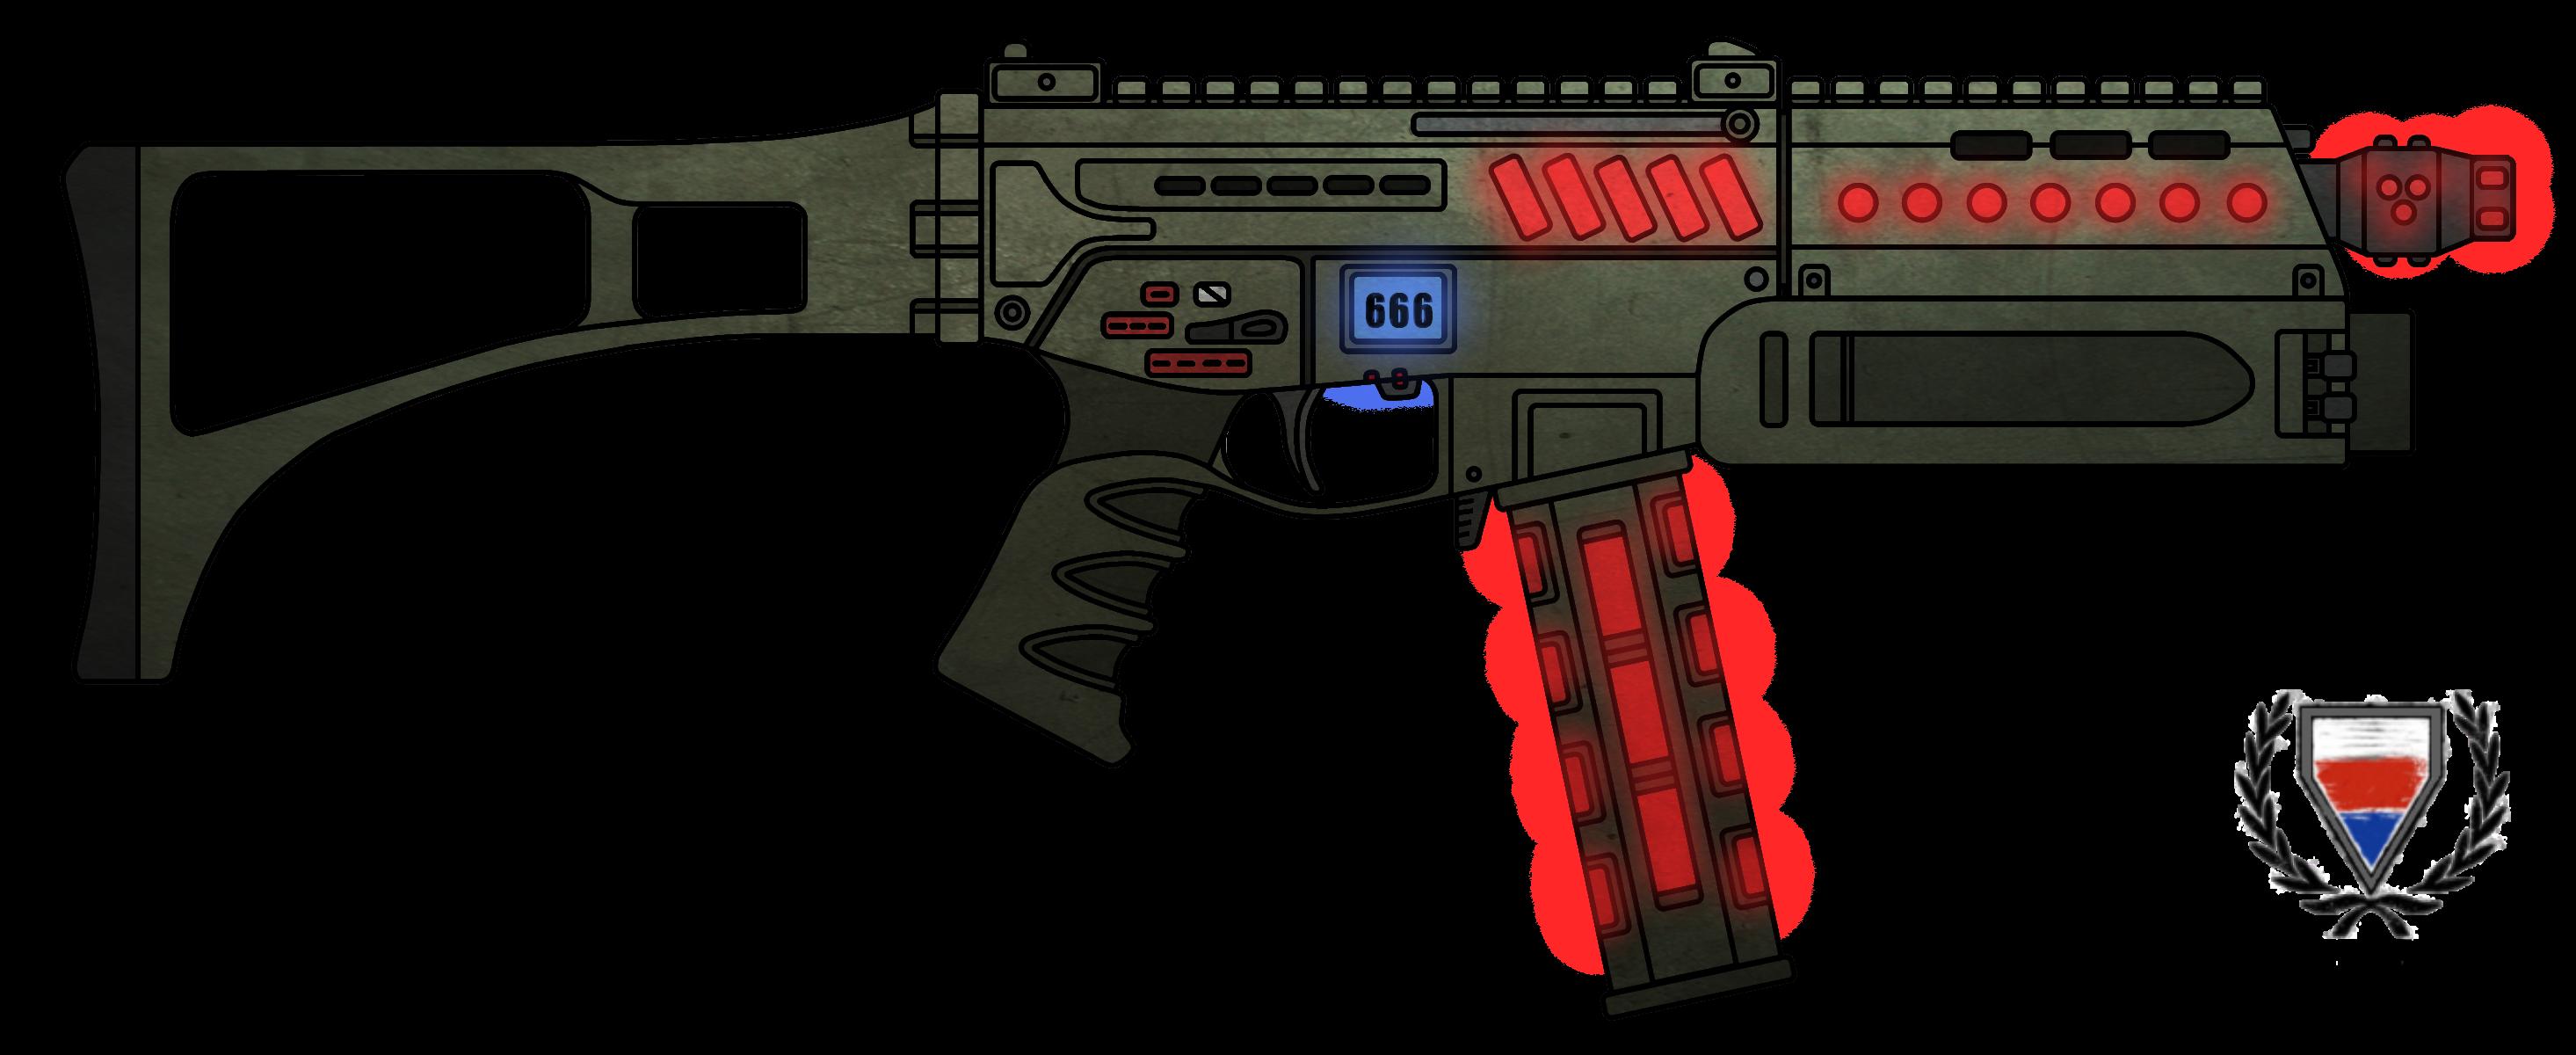 xcom 2 how to get plasma weapons